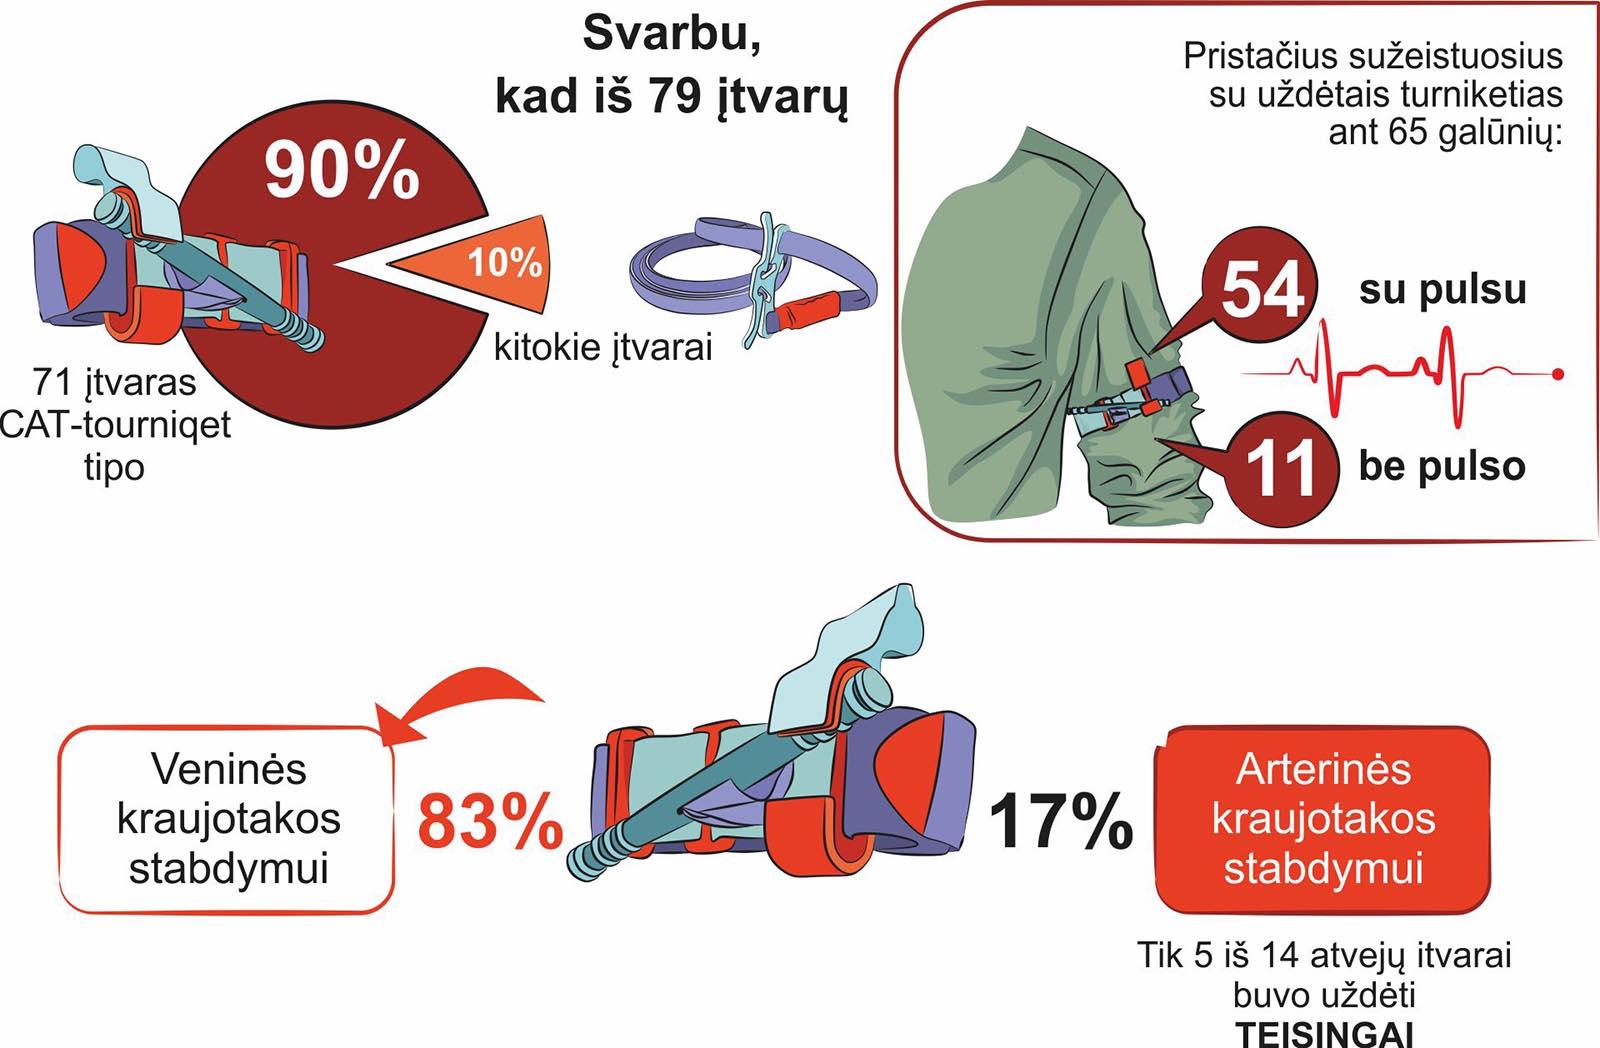 hemostazinių turniketų turniketų naudojimo statistika